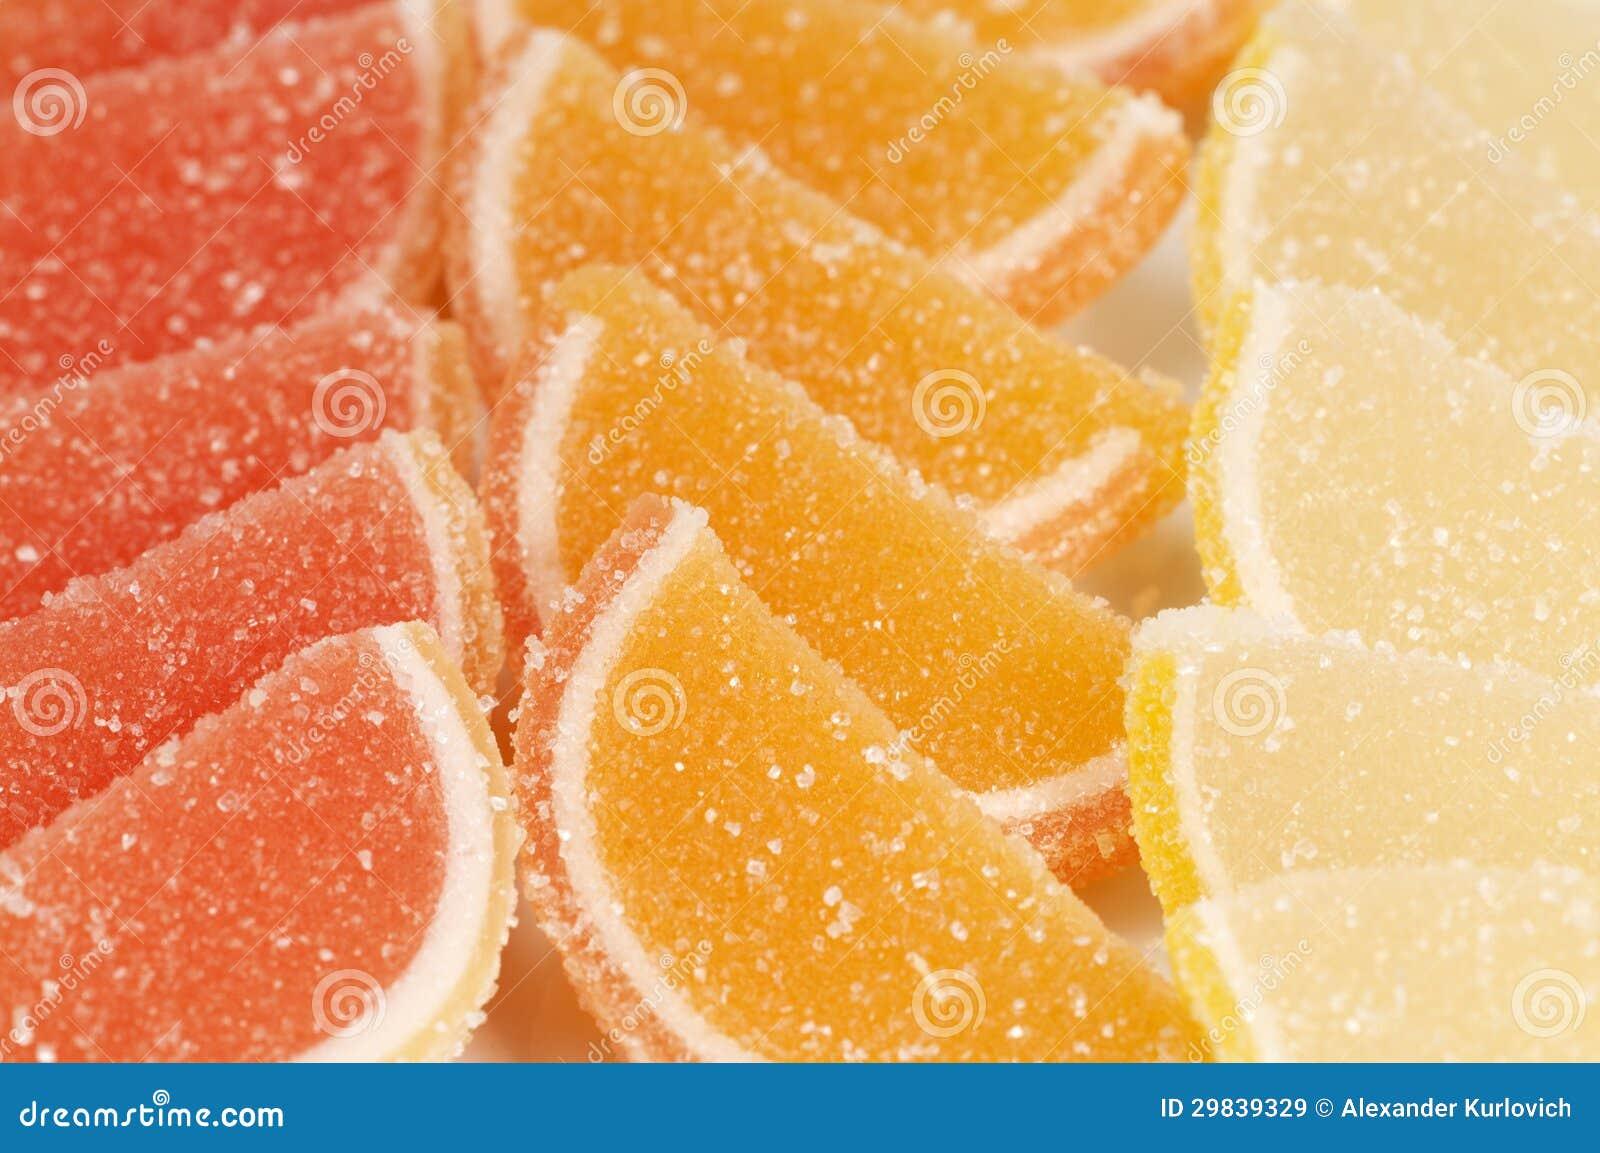 Coleção do doce de fruta do citrino